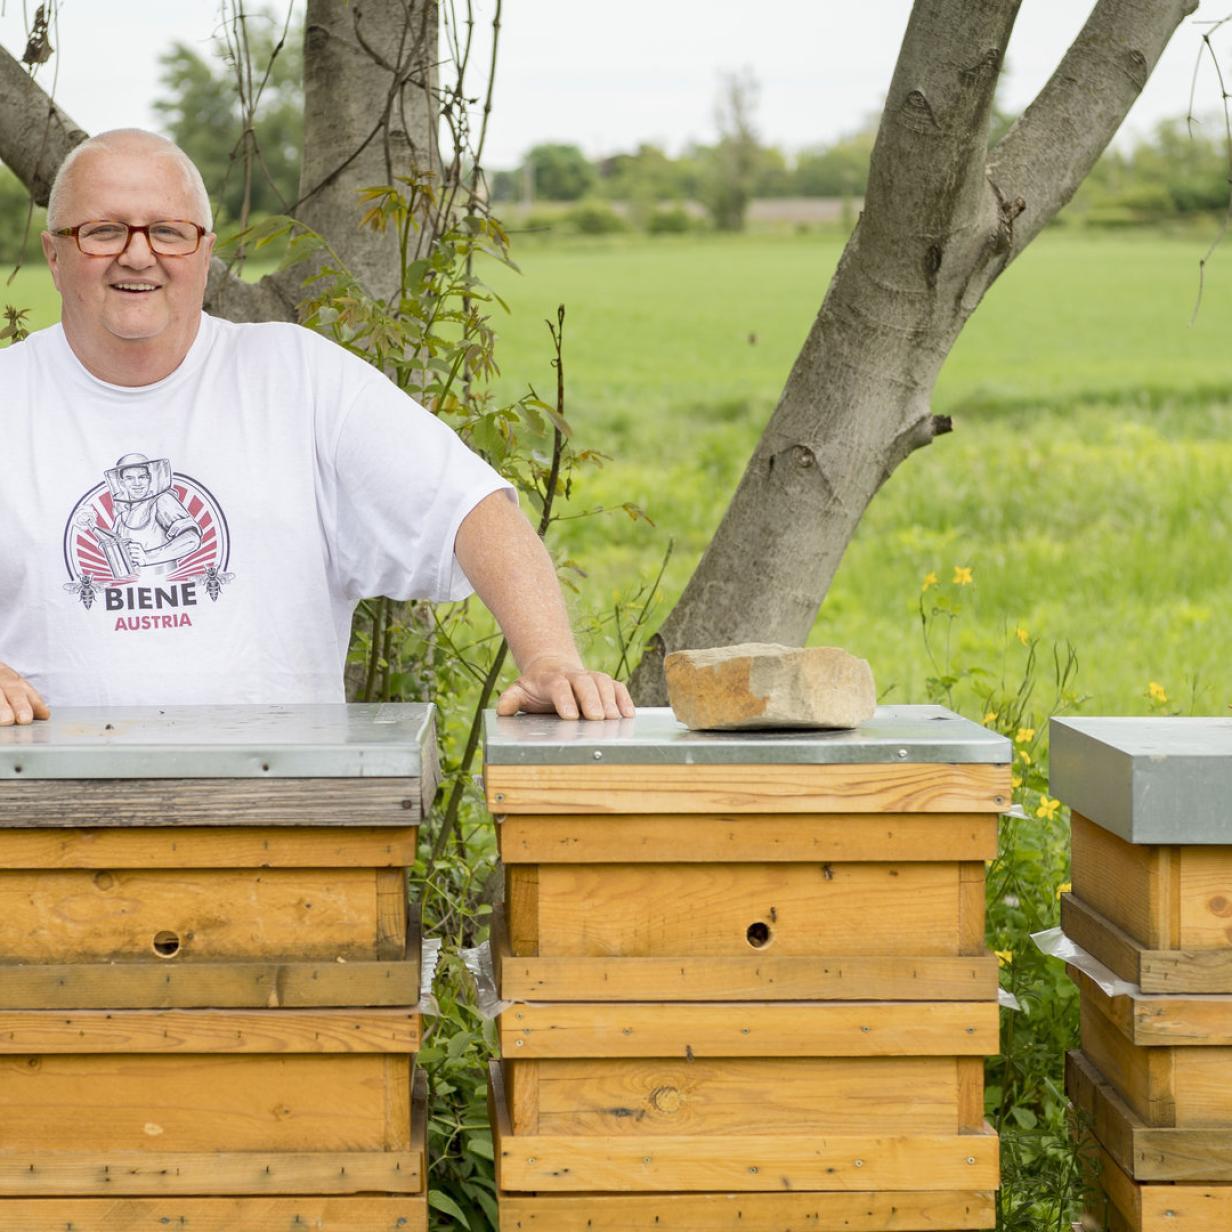 Ein Wiener Erfolgsgeheimnis: Bienen, die nicht stechen